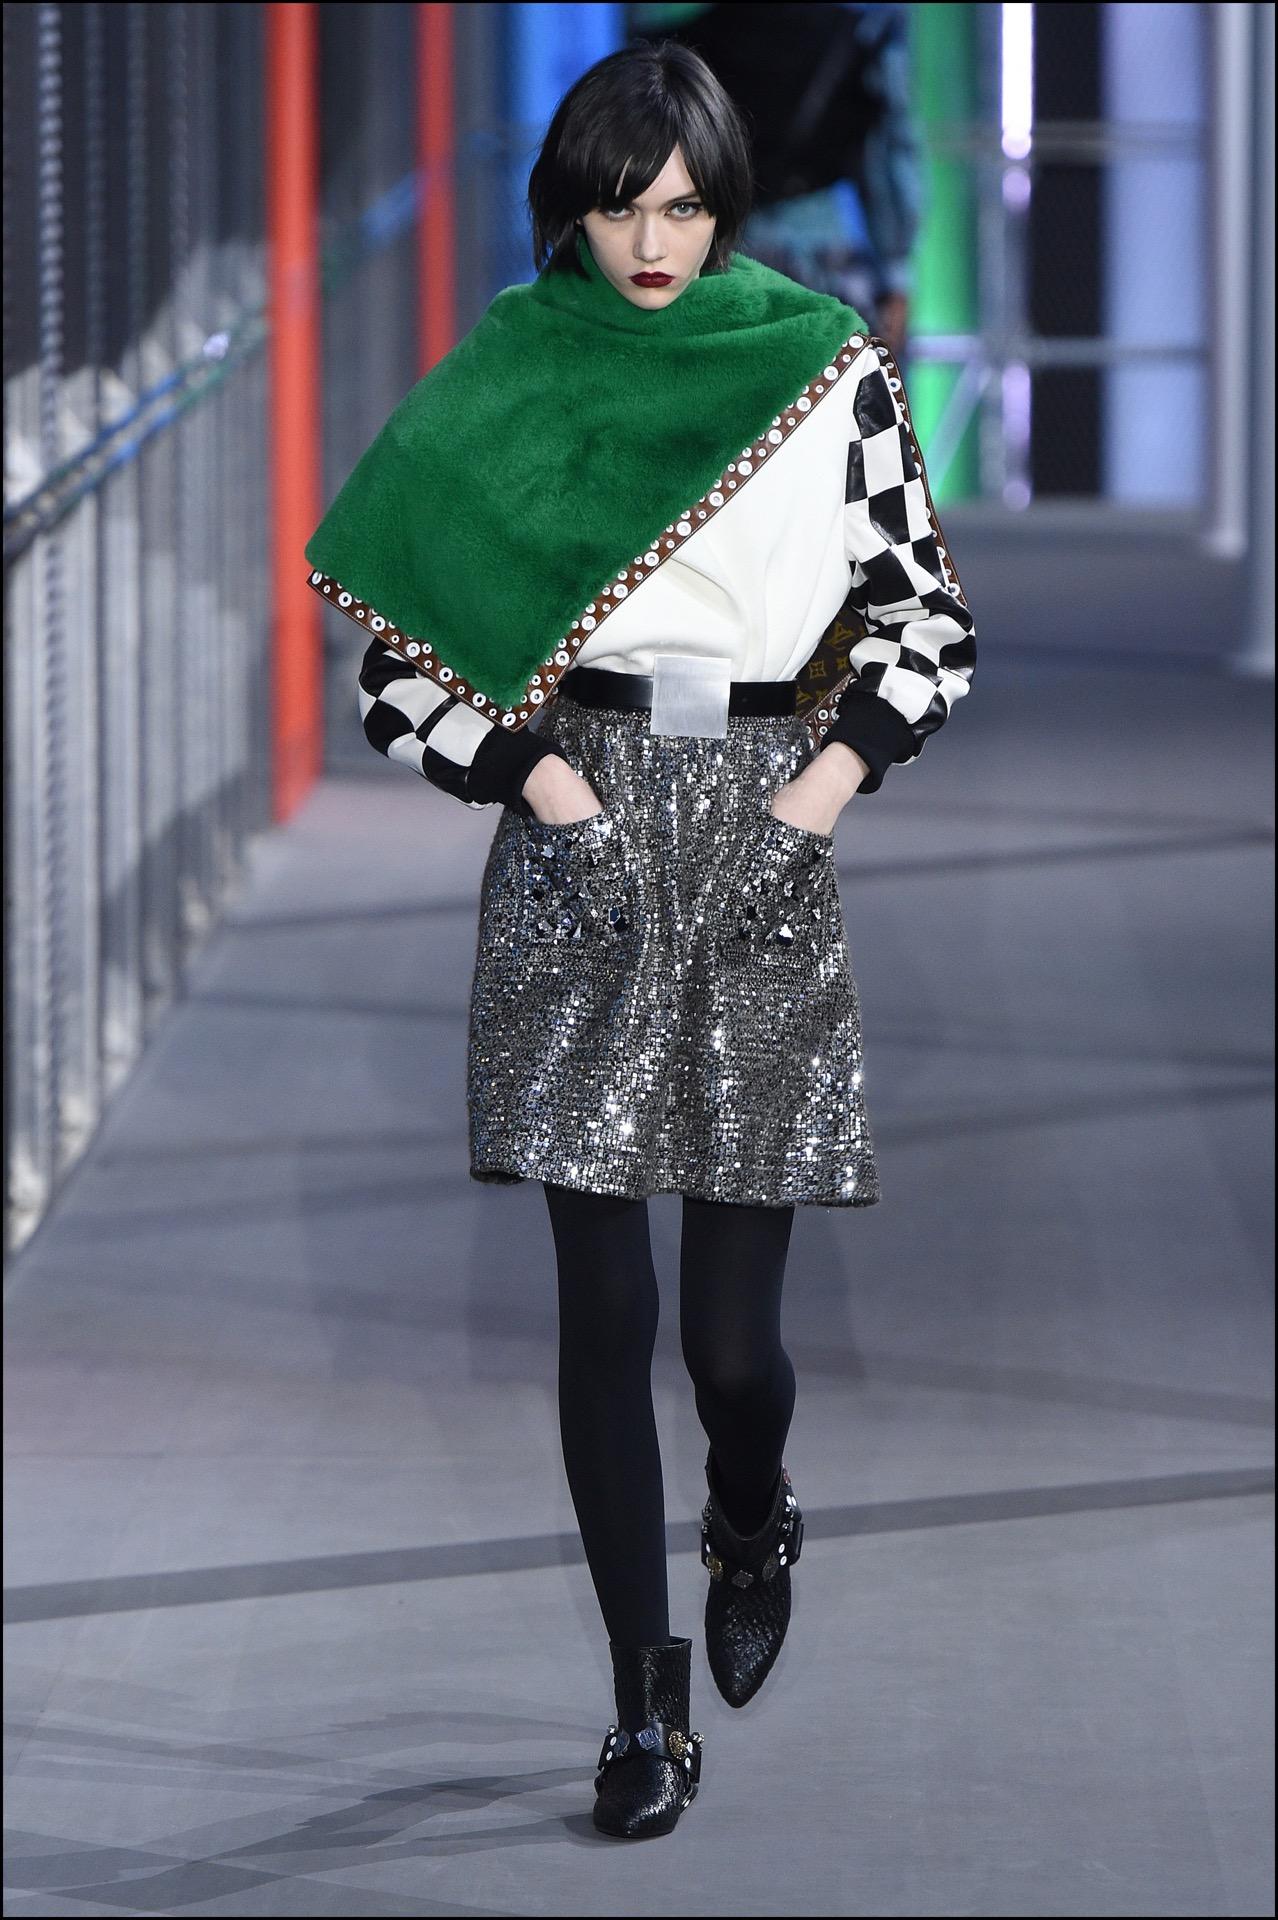 Estampas geométricas inspiradas en Mondrian, terciopelo y brillo. Más es más en la pasarela de Louis Vuitton.